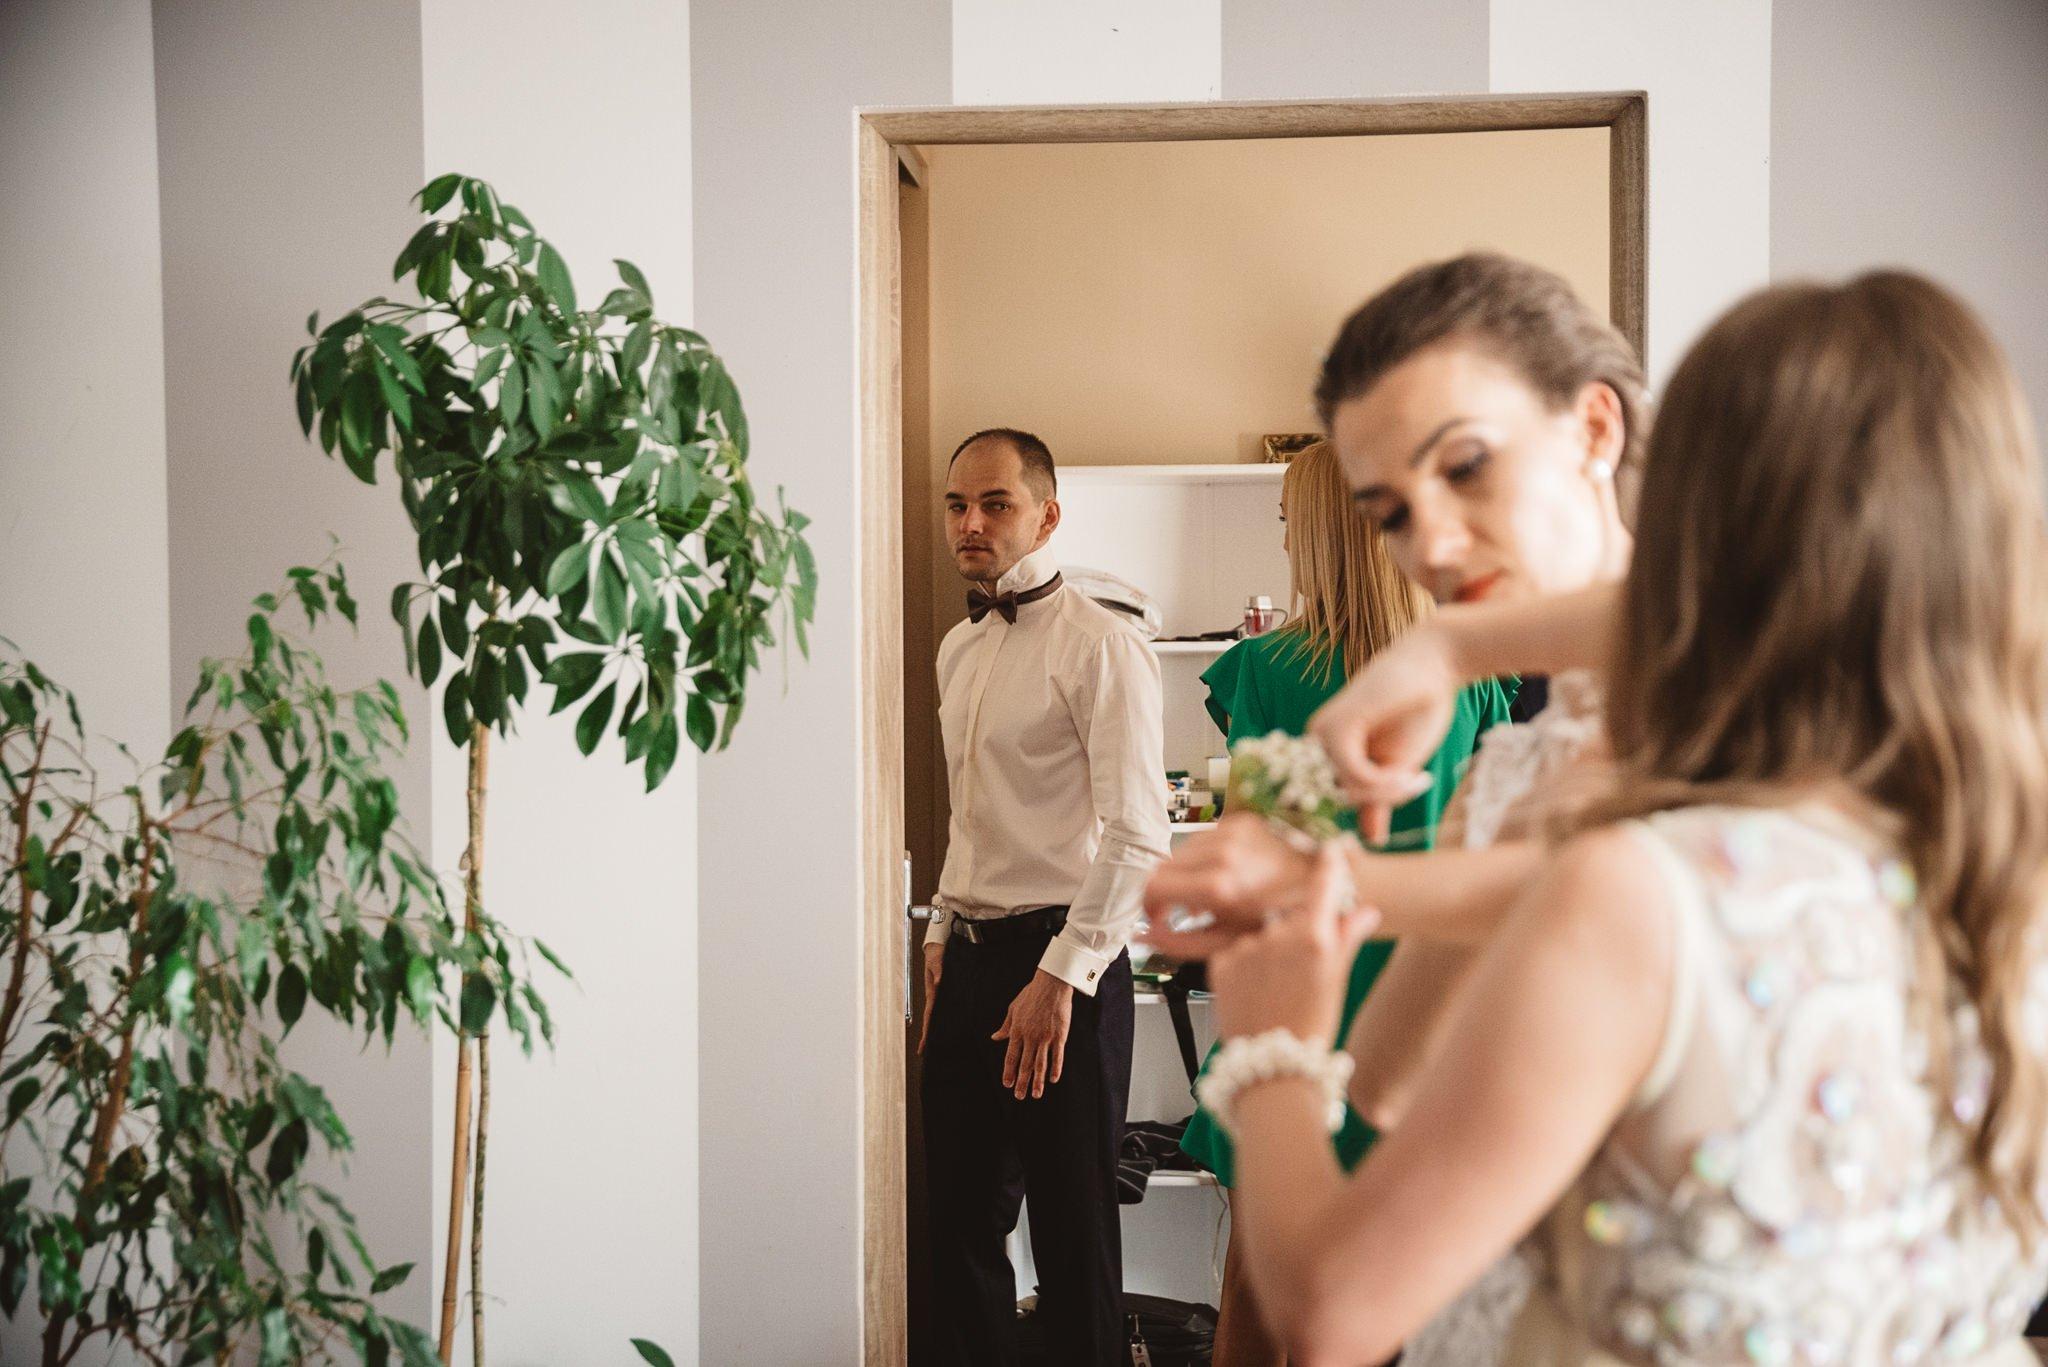 Ala i Arek, czyli jak zorganizować ślub i wesele w 4 tygodnie! 31